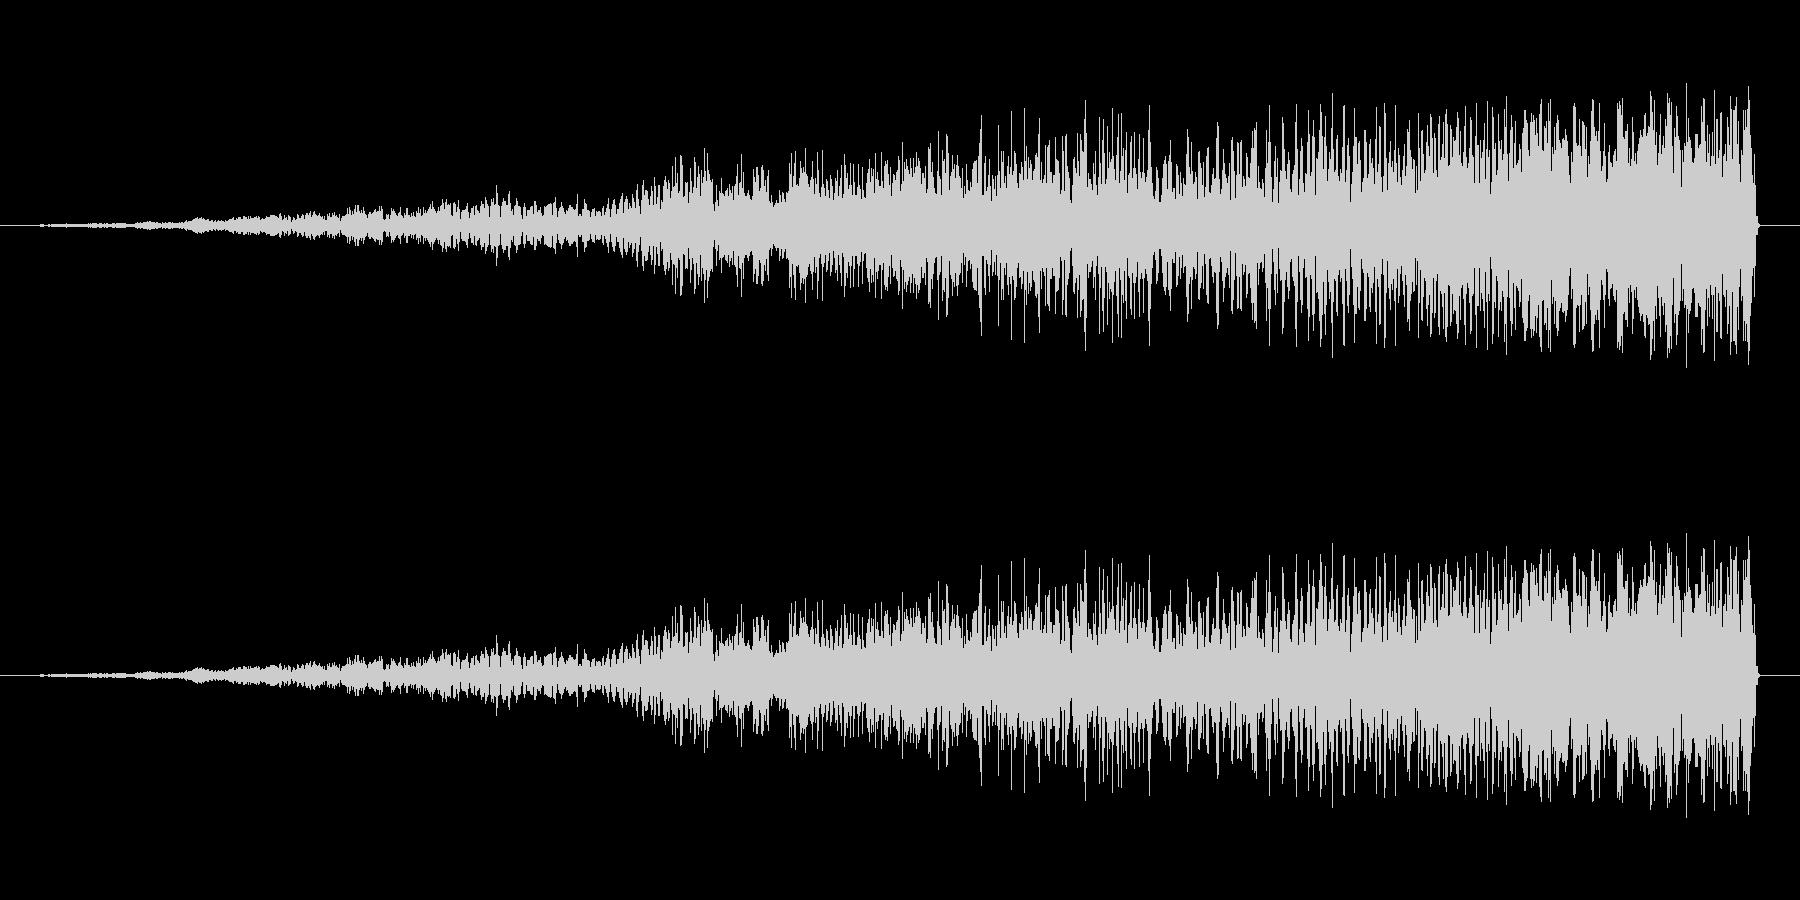 シュァァァ〜ブ〜シュァプッ(機械音)の未再生の波形